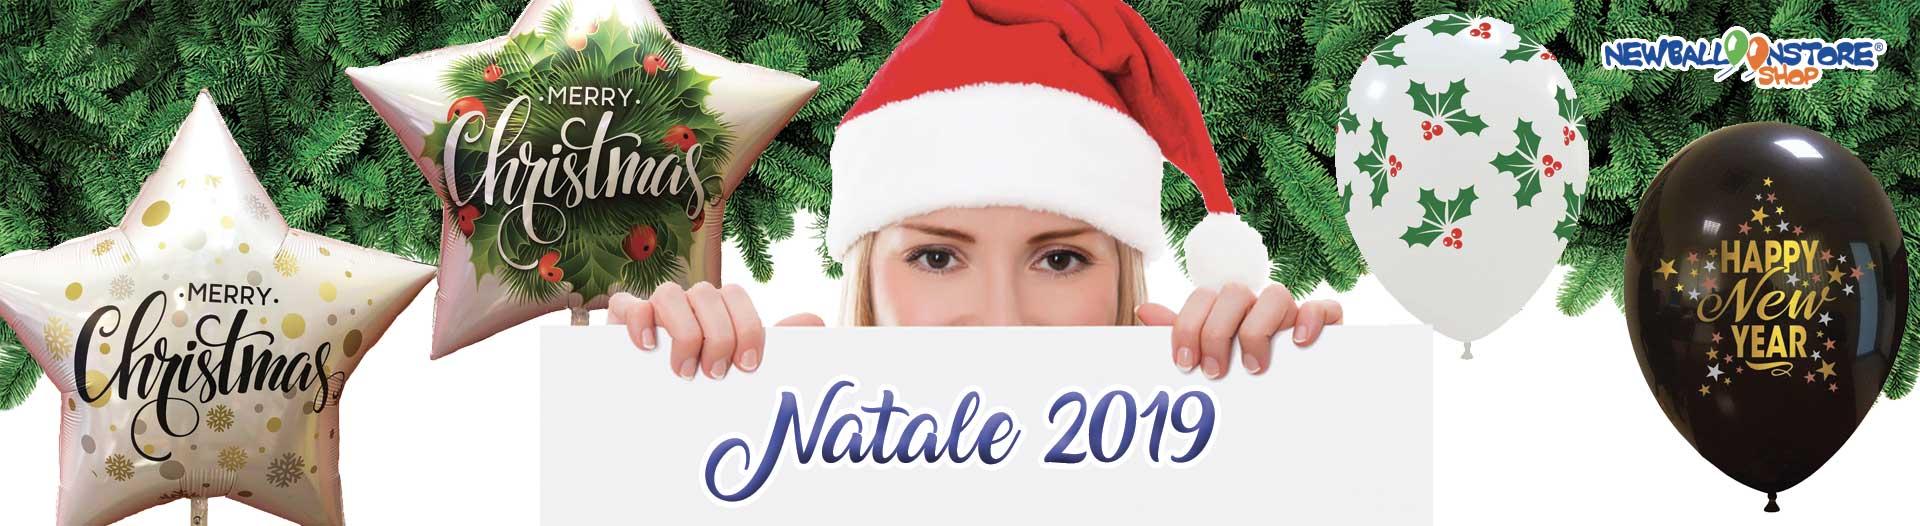 natale-newballoonstore